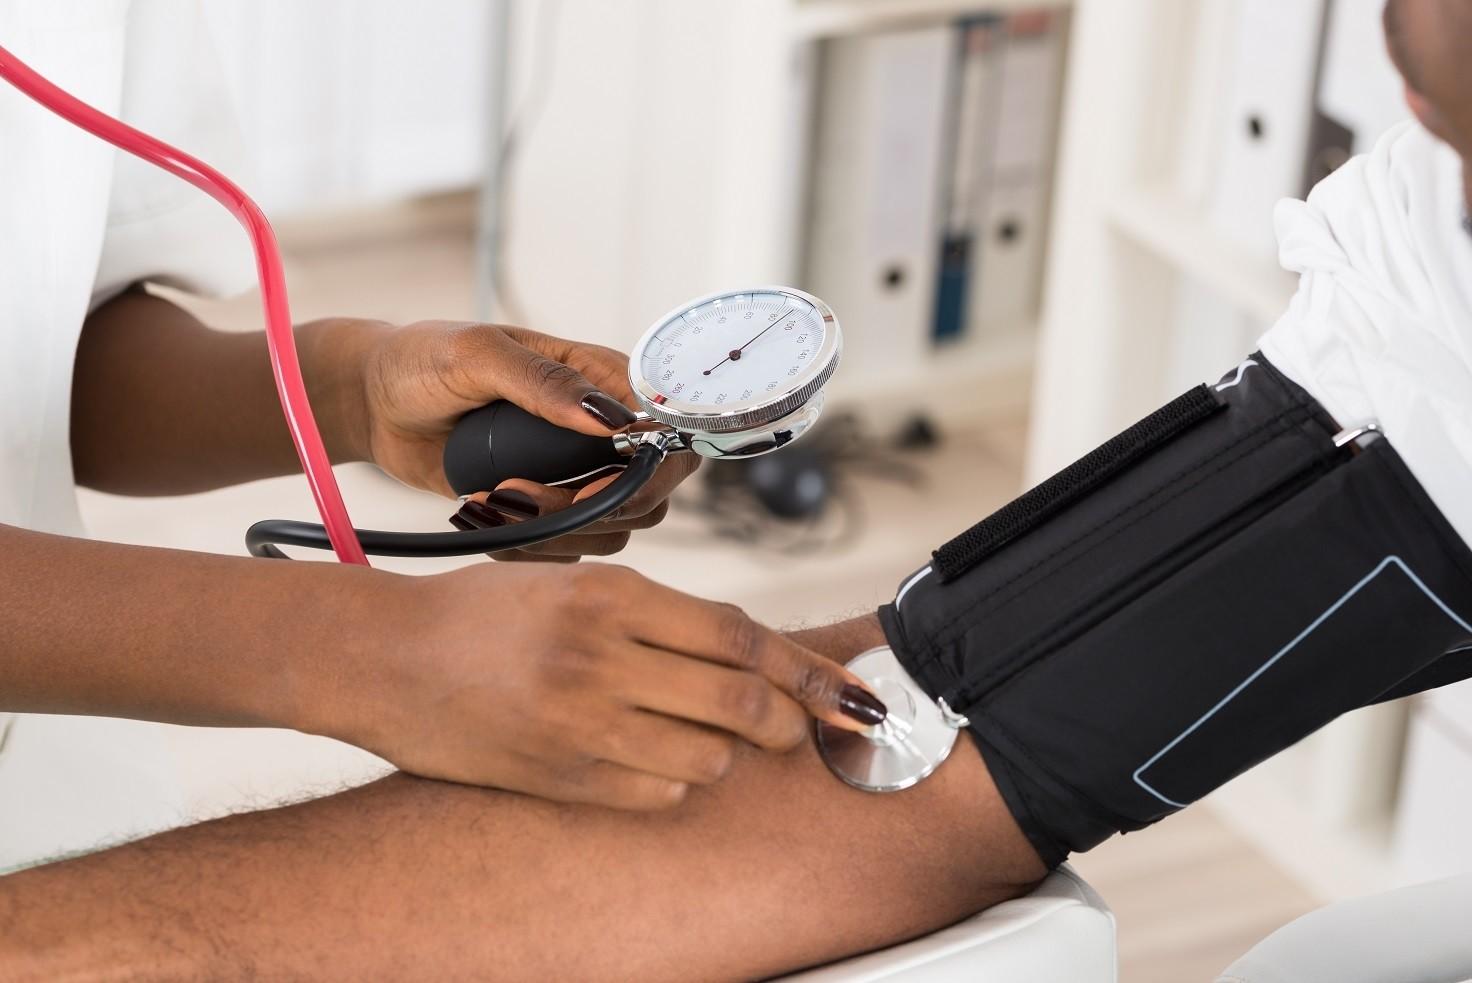 Informări despre alimentaţia sănătoasă, cu ocazia Zilei Mondiale a Hipertensiunii Arteriale